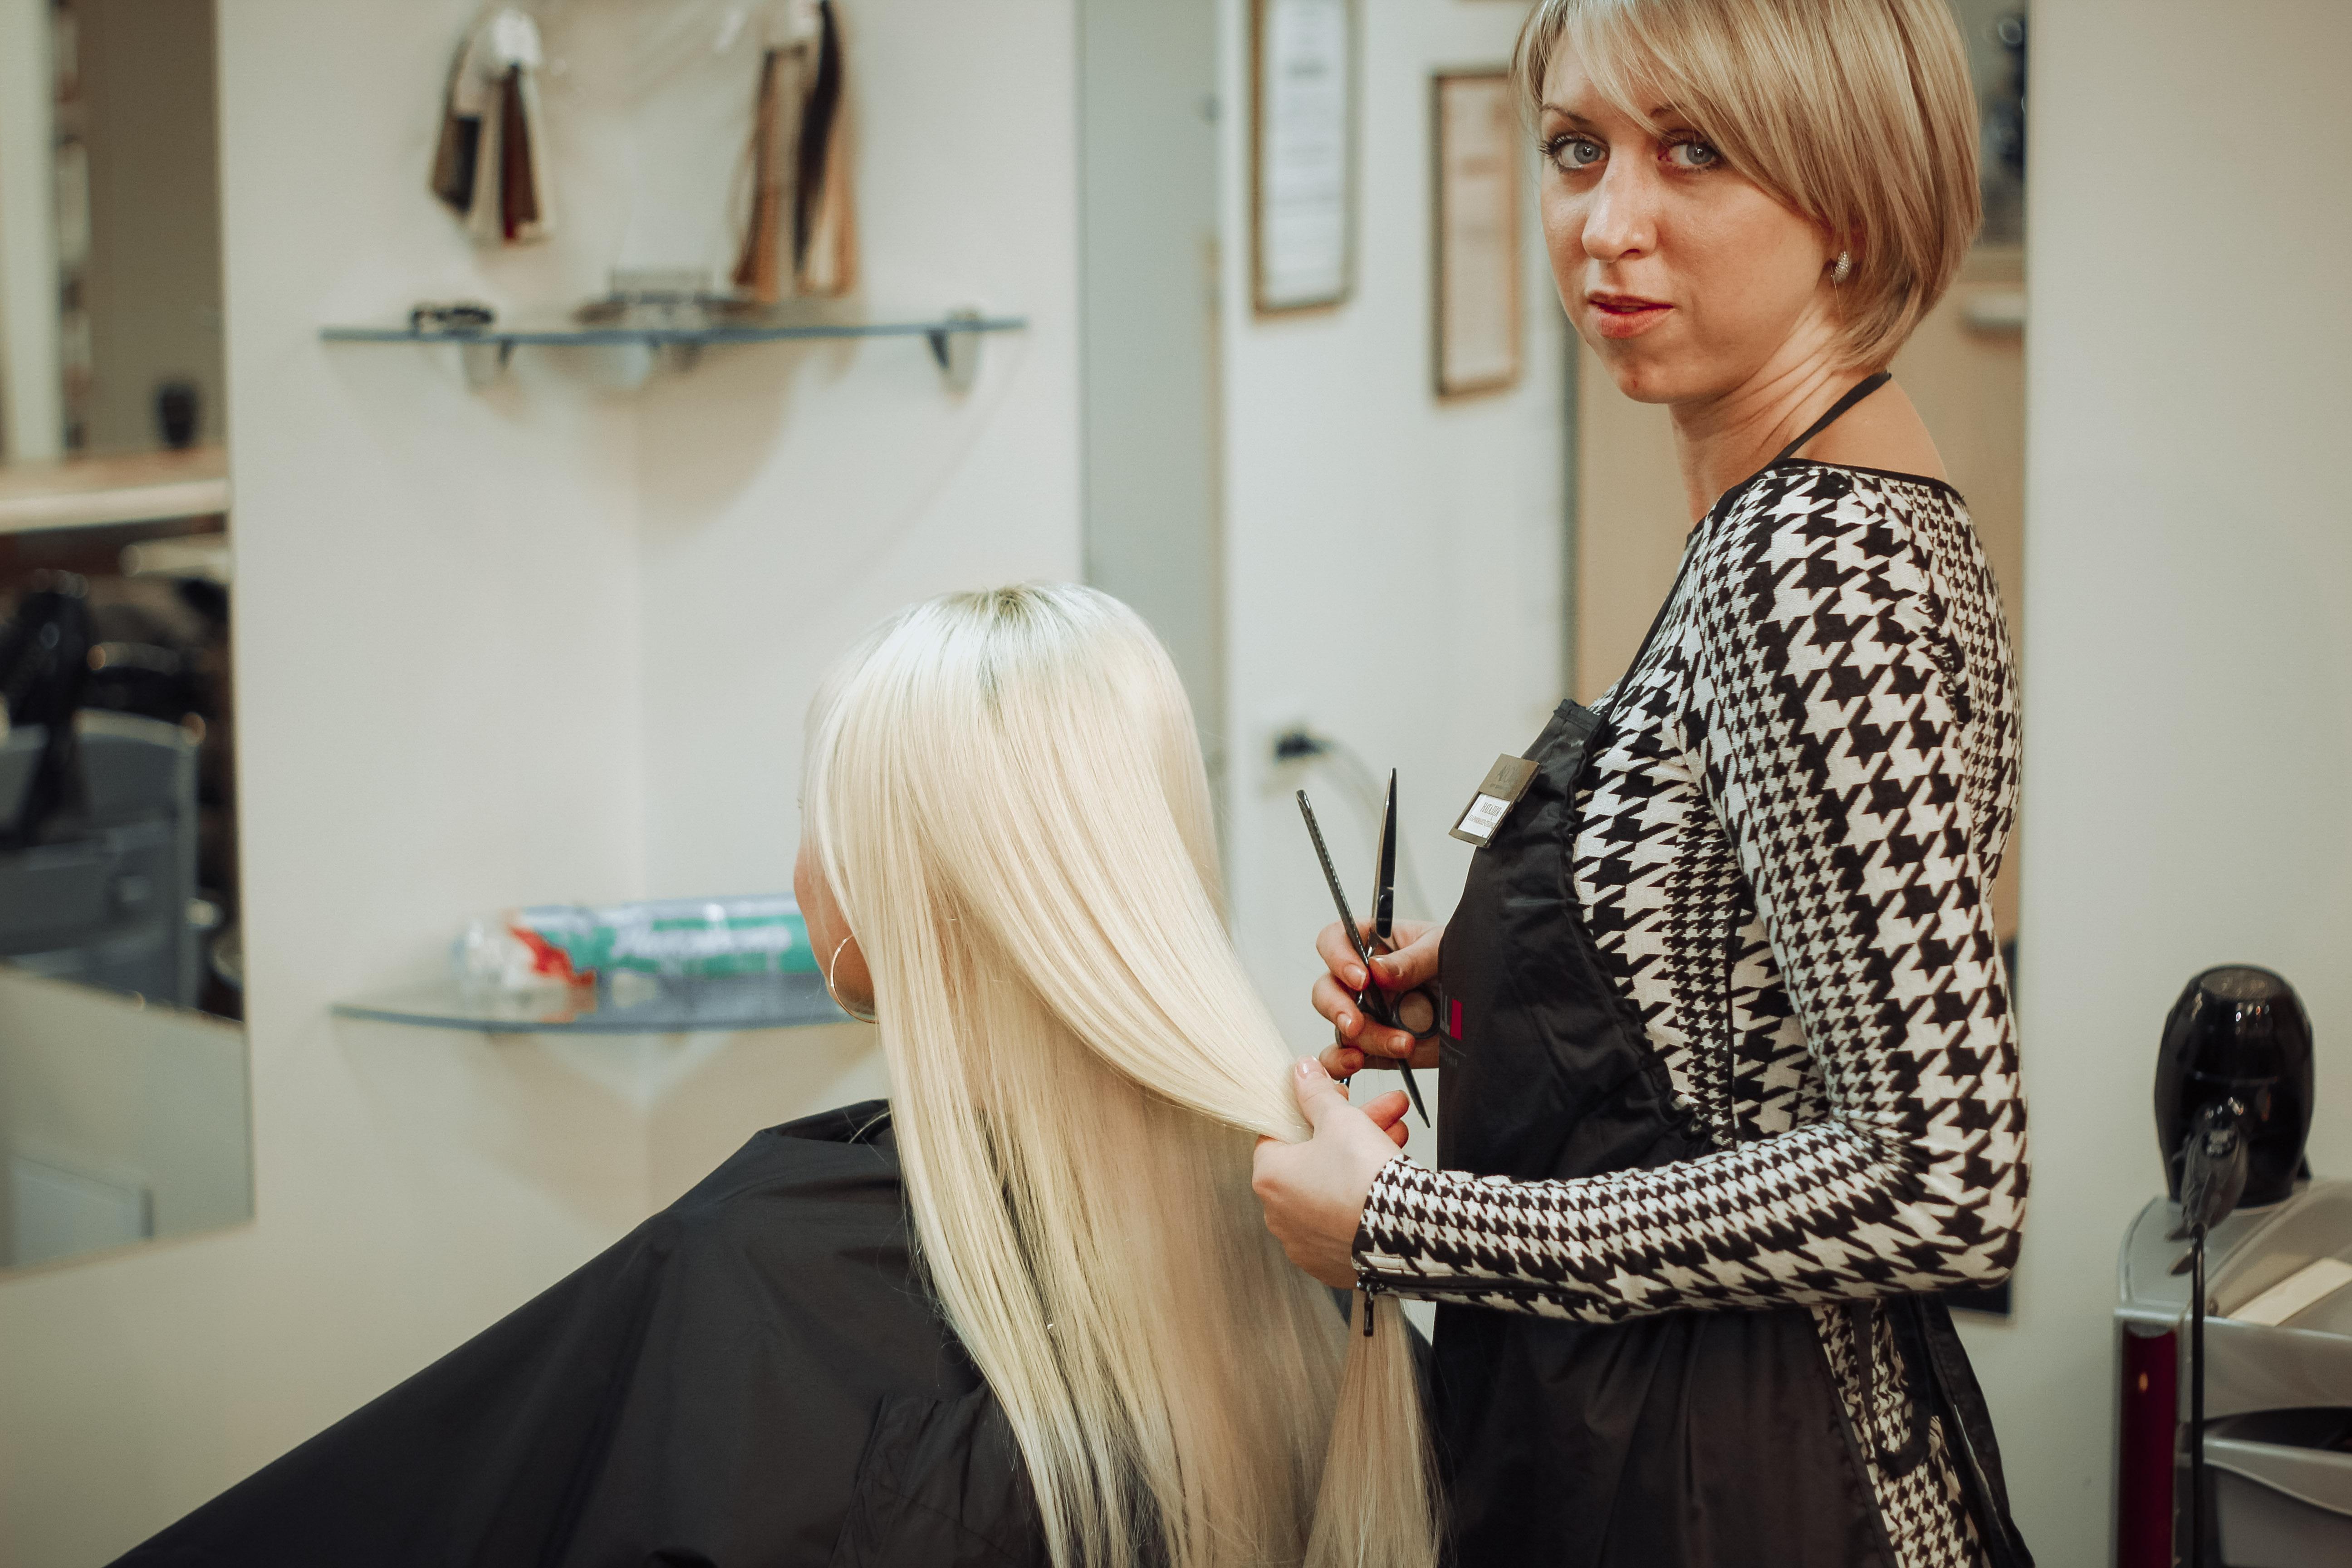 правильном екатеринбург фотосессия стилист парикмахер имеет достаточную осветительную